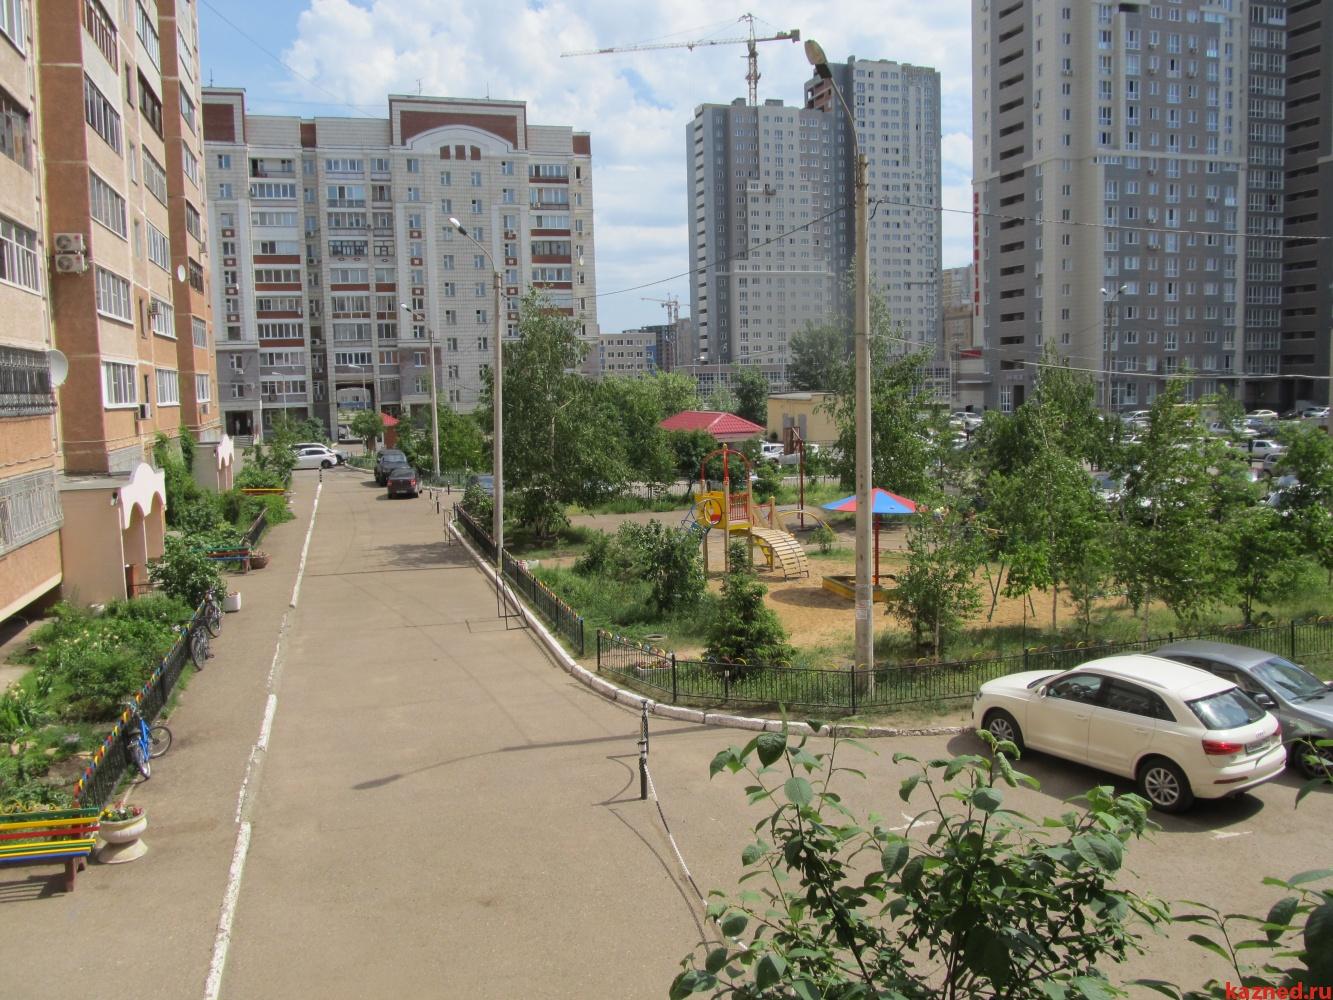 Продажа 3-к квартиры Амирхана, 5, 93 м² (миниатюра №23)